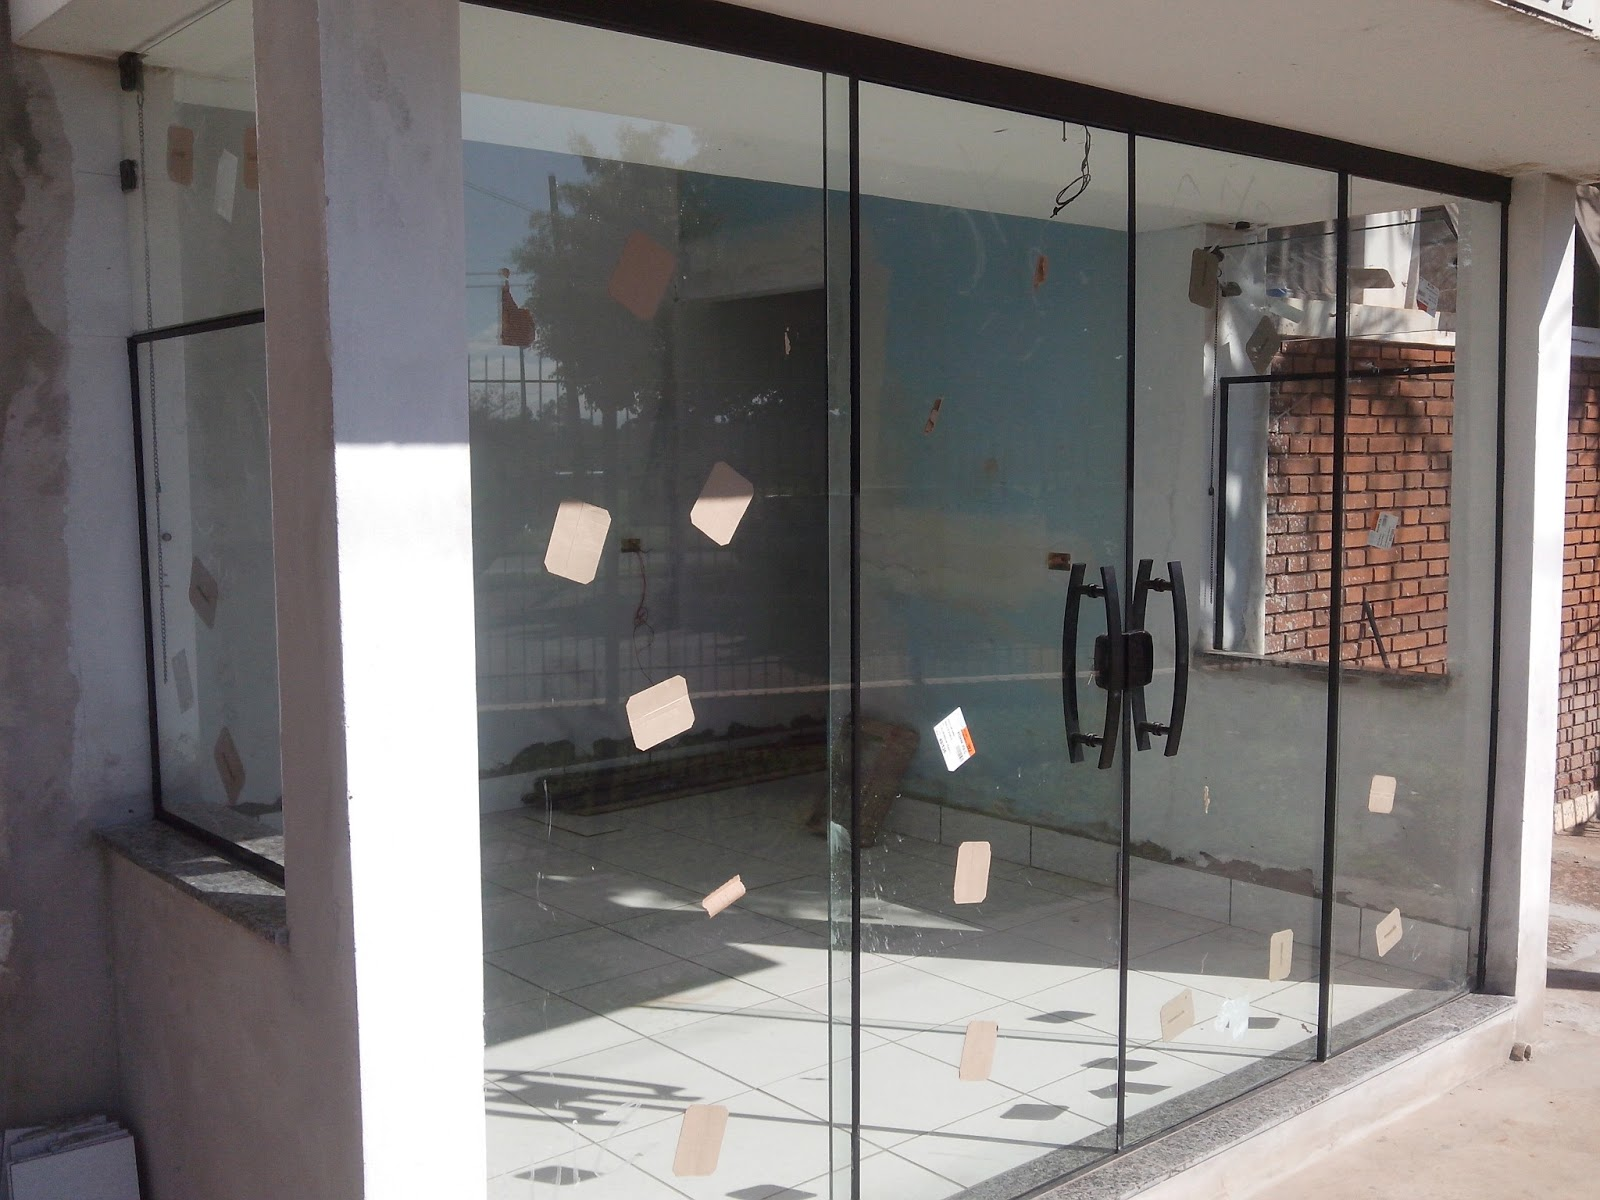 #7C5B4F Porta no sitema de 04 vidros Vidro Incolor com perfil na cor Preto 318 Janelas De Vidro Temperado Em Ribeirão Preto